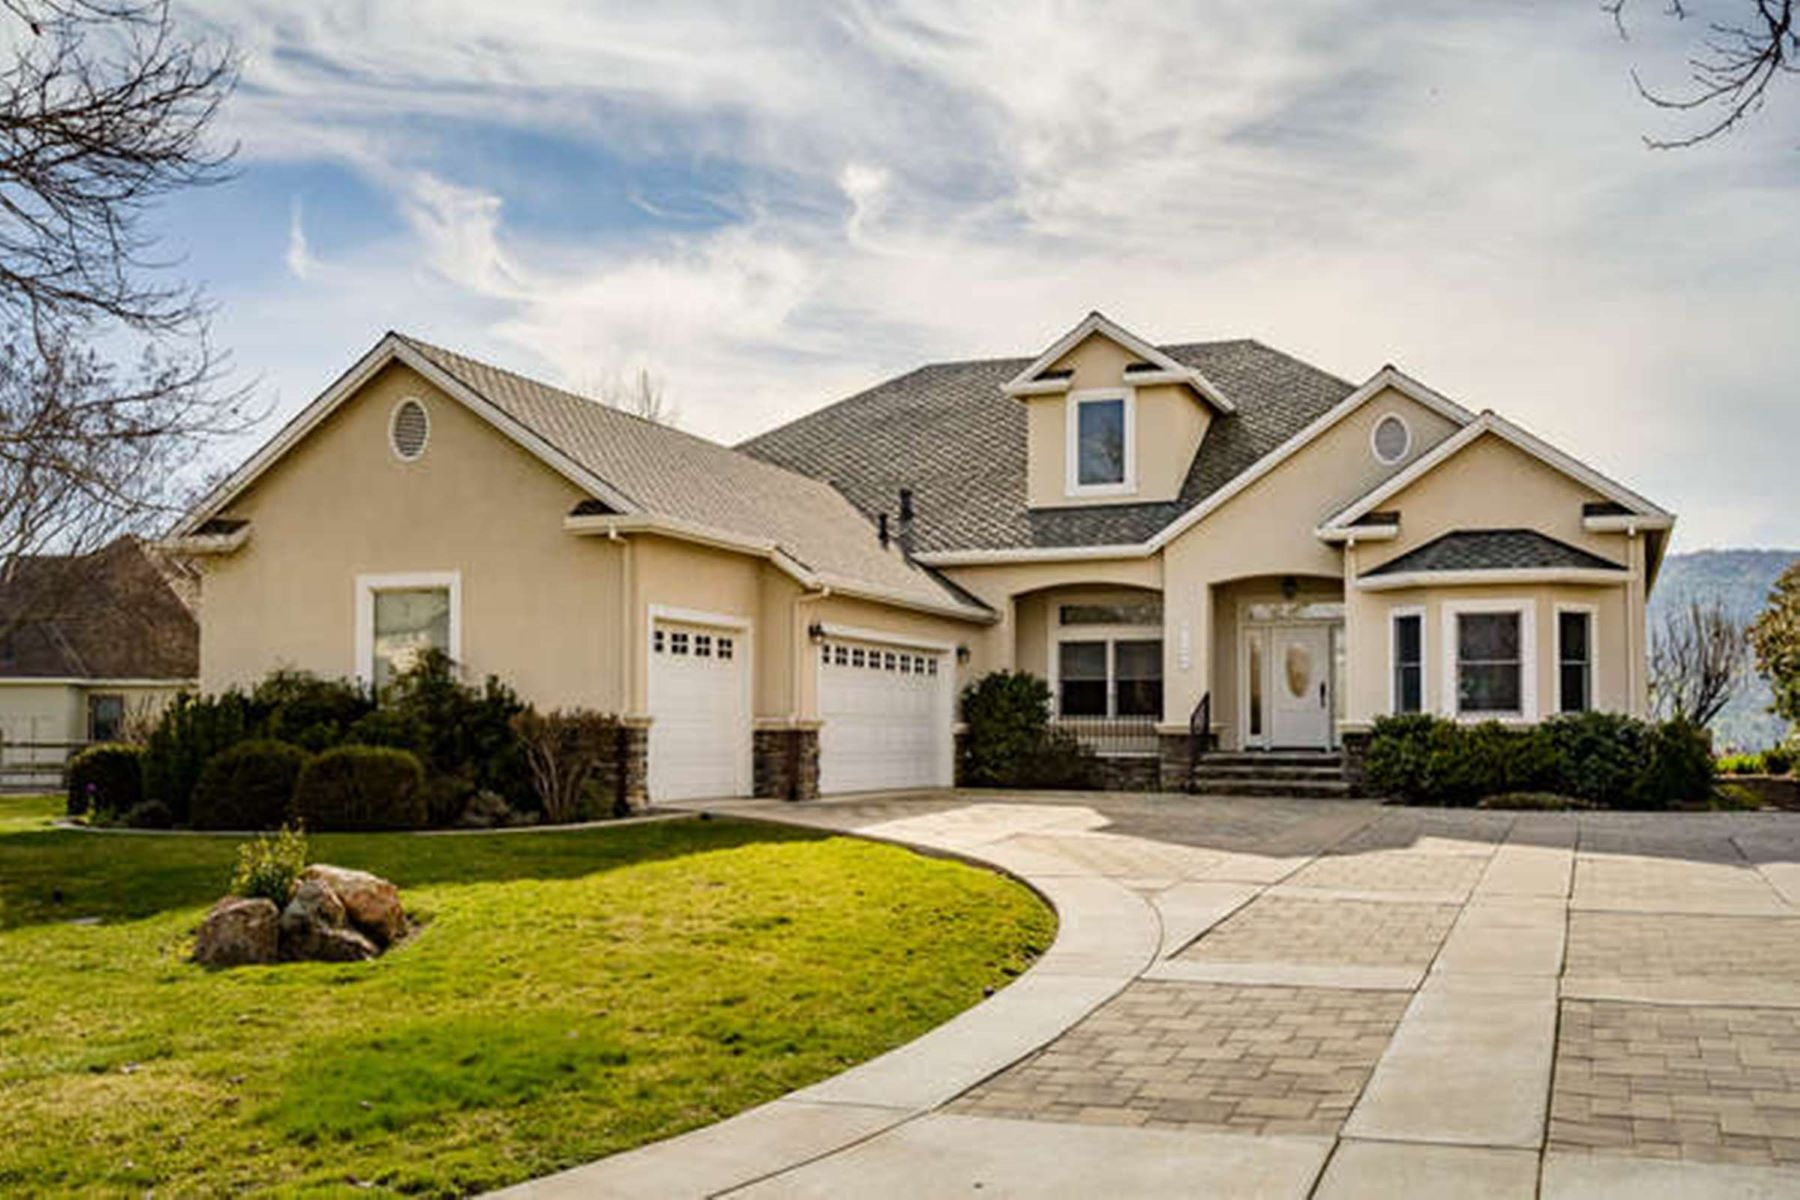 Maison unifamiliale pour l Vente à 2100 Oak Creek Drive Copperopolis, Californie 95228 États-Unis